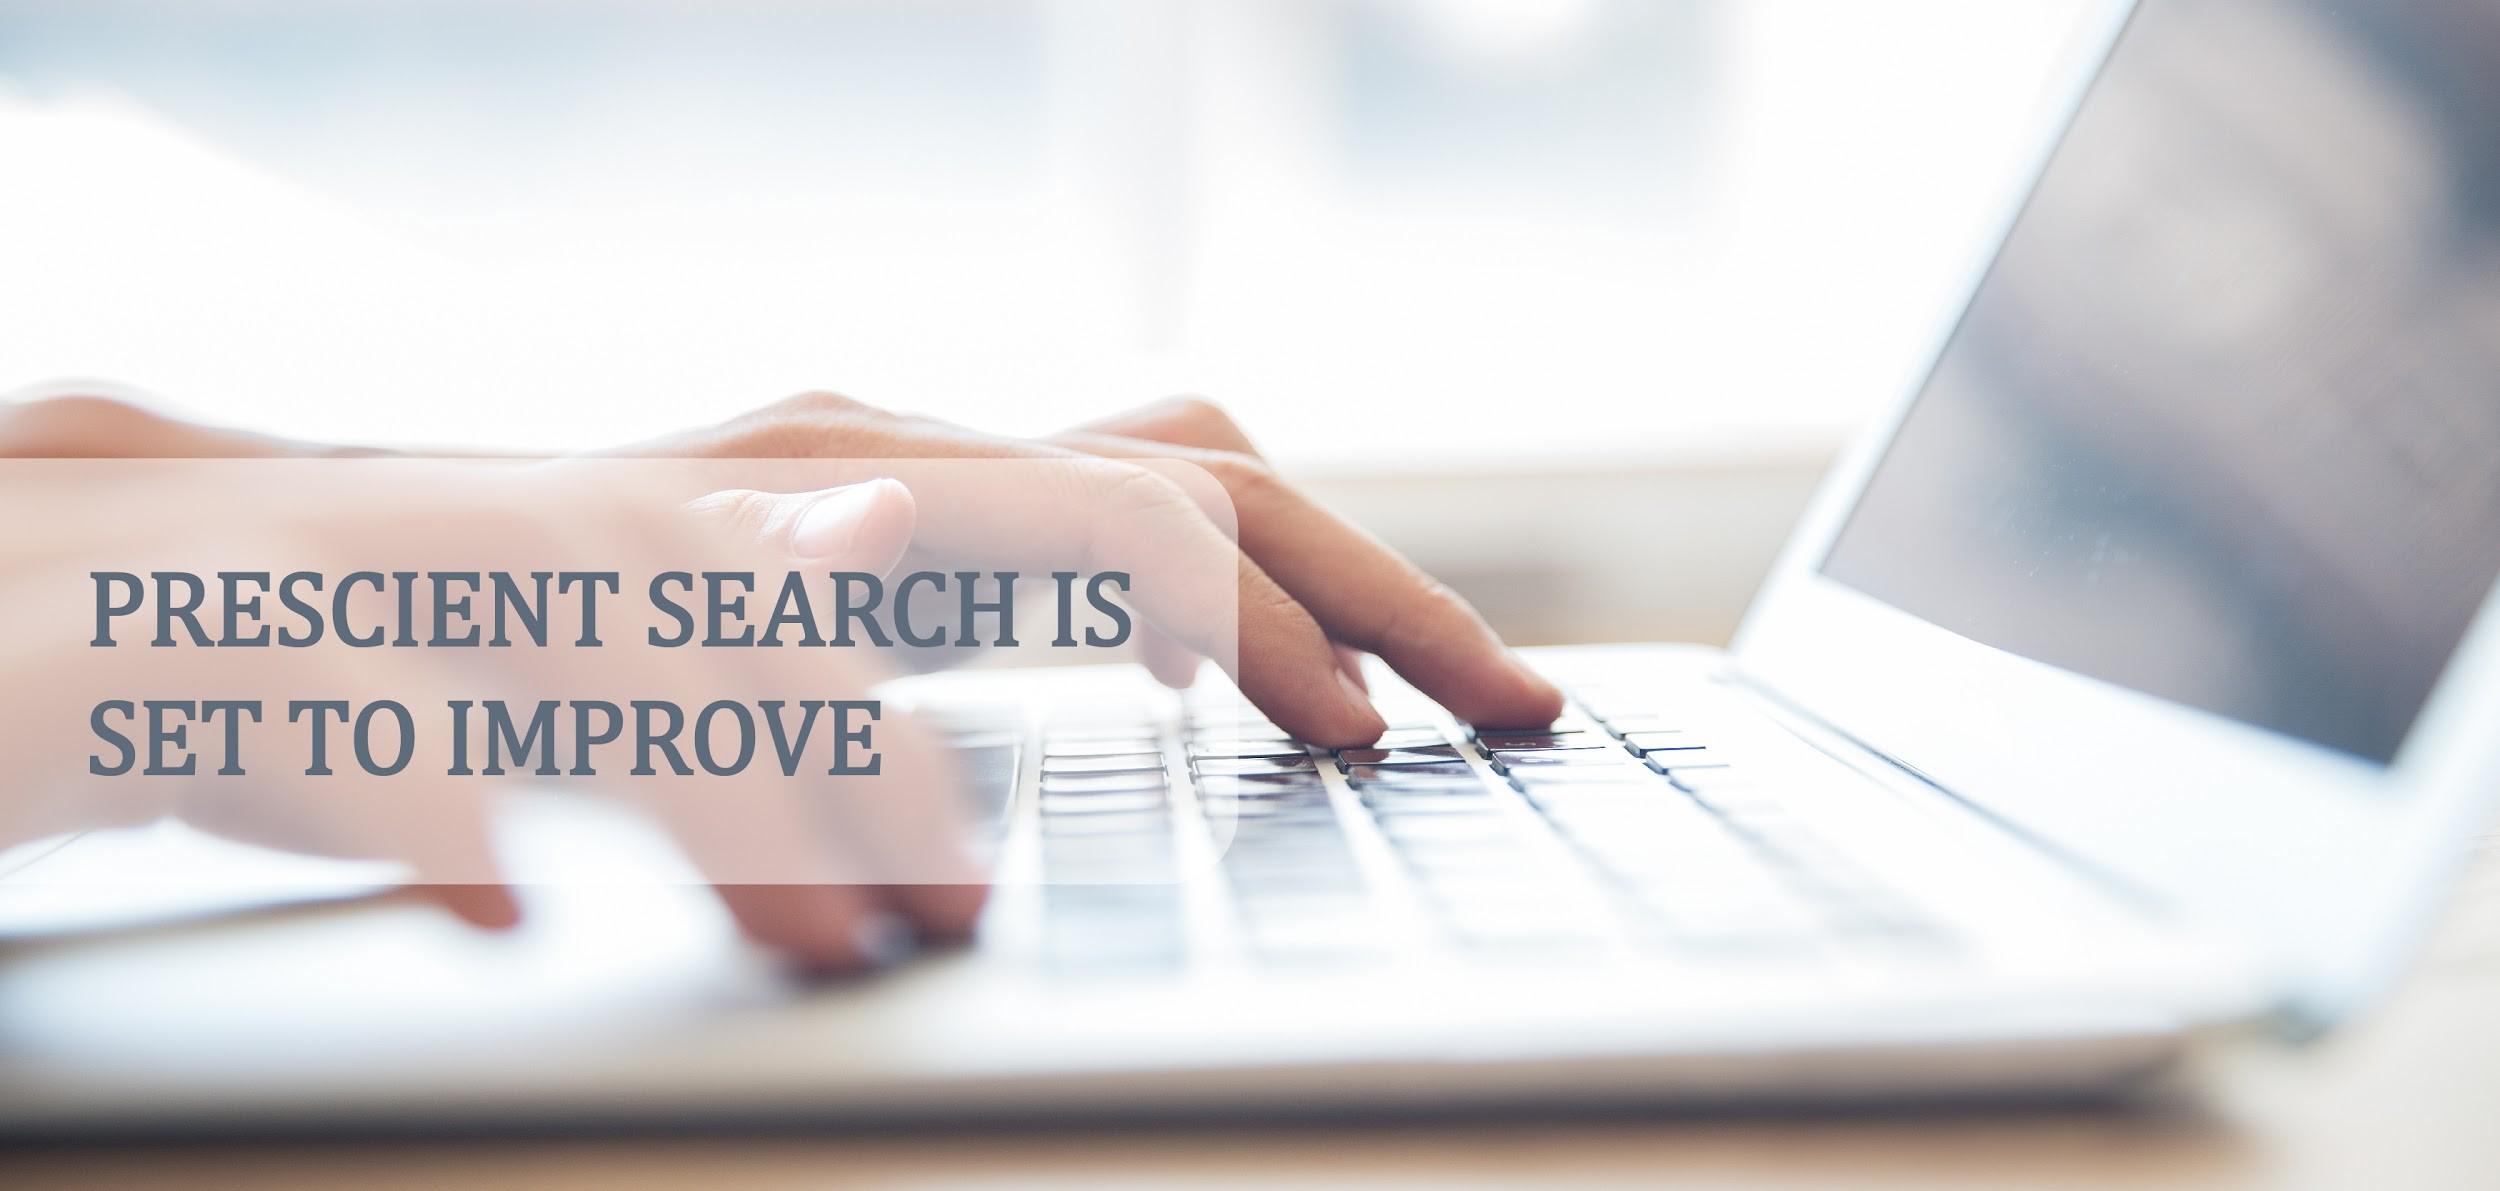 Prescient Search